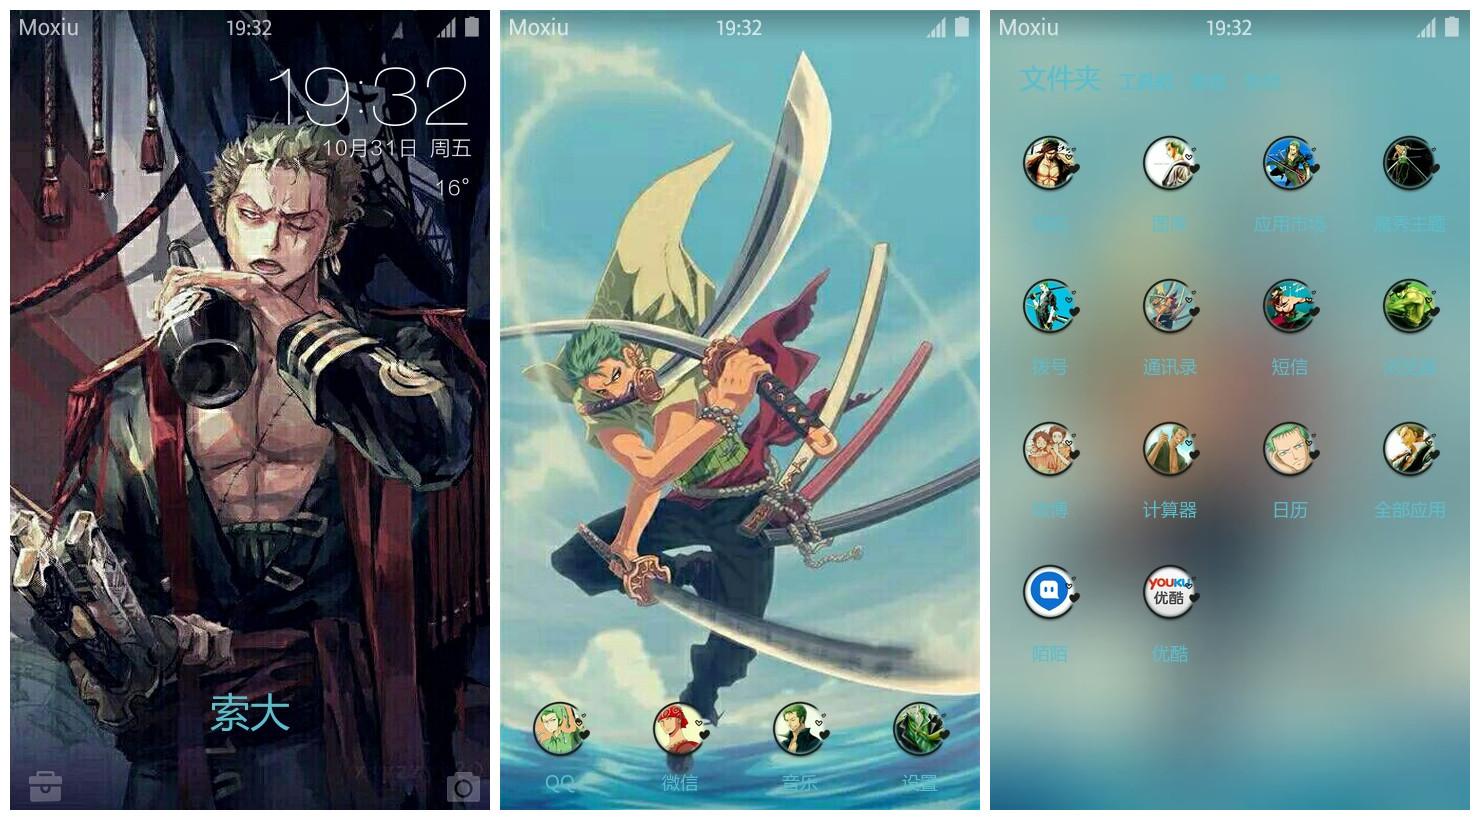 海贼王手机主题,索隆手机主题,动漫手机主题